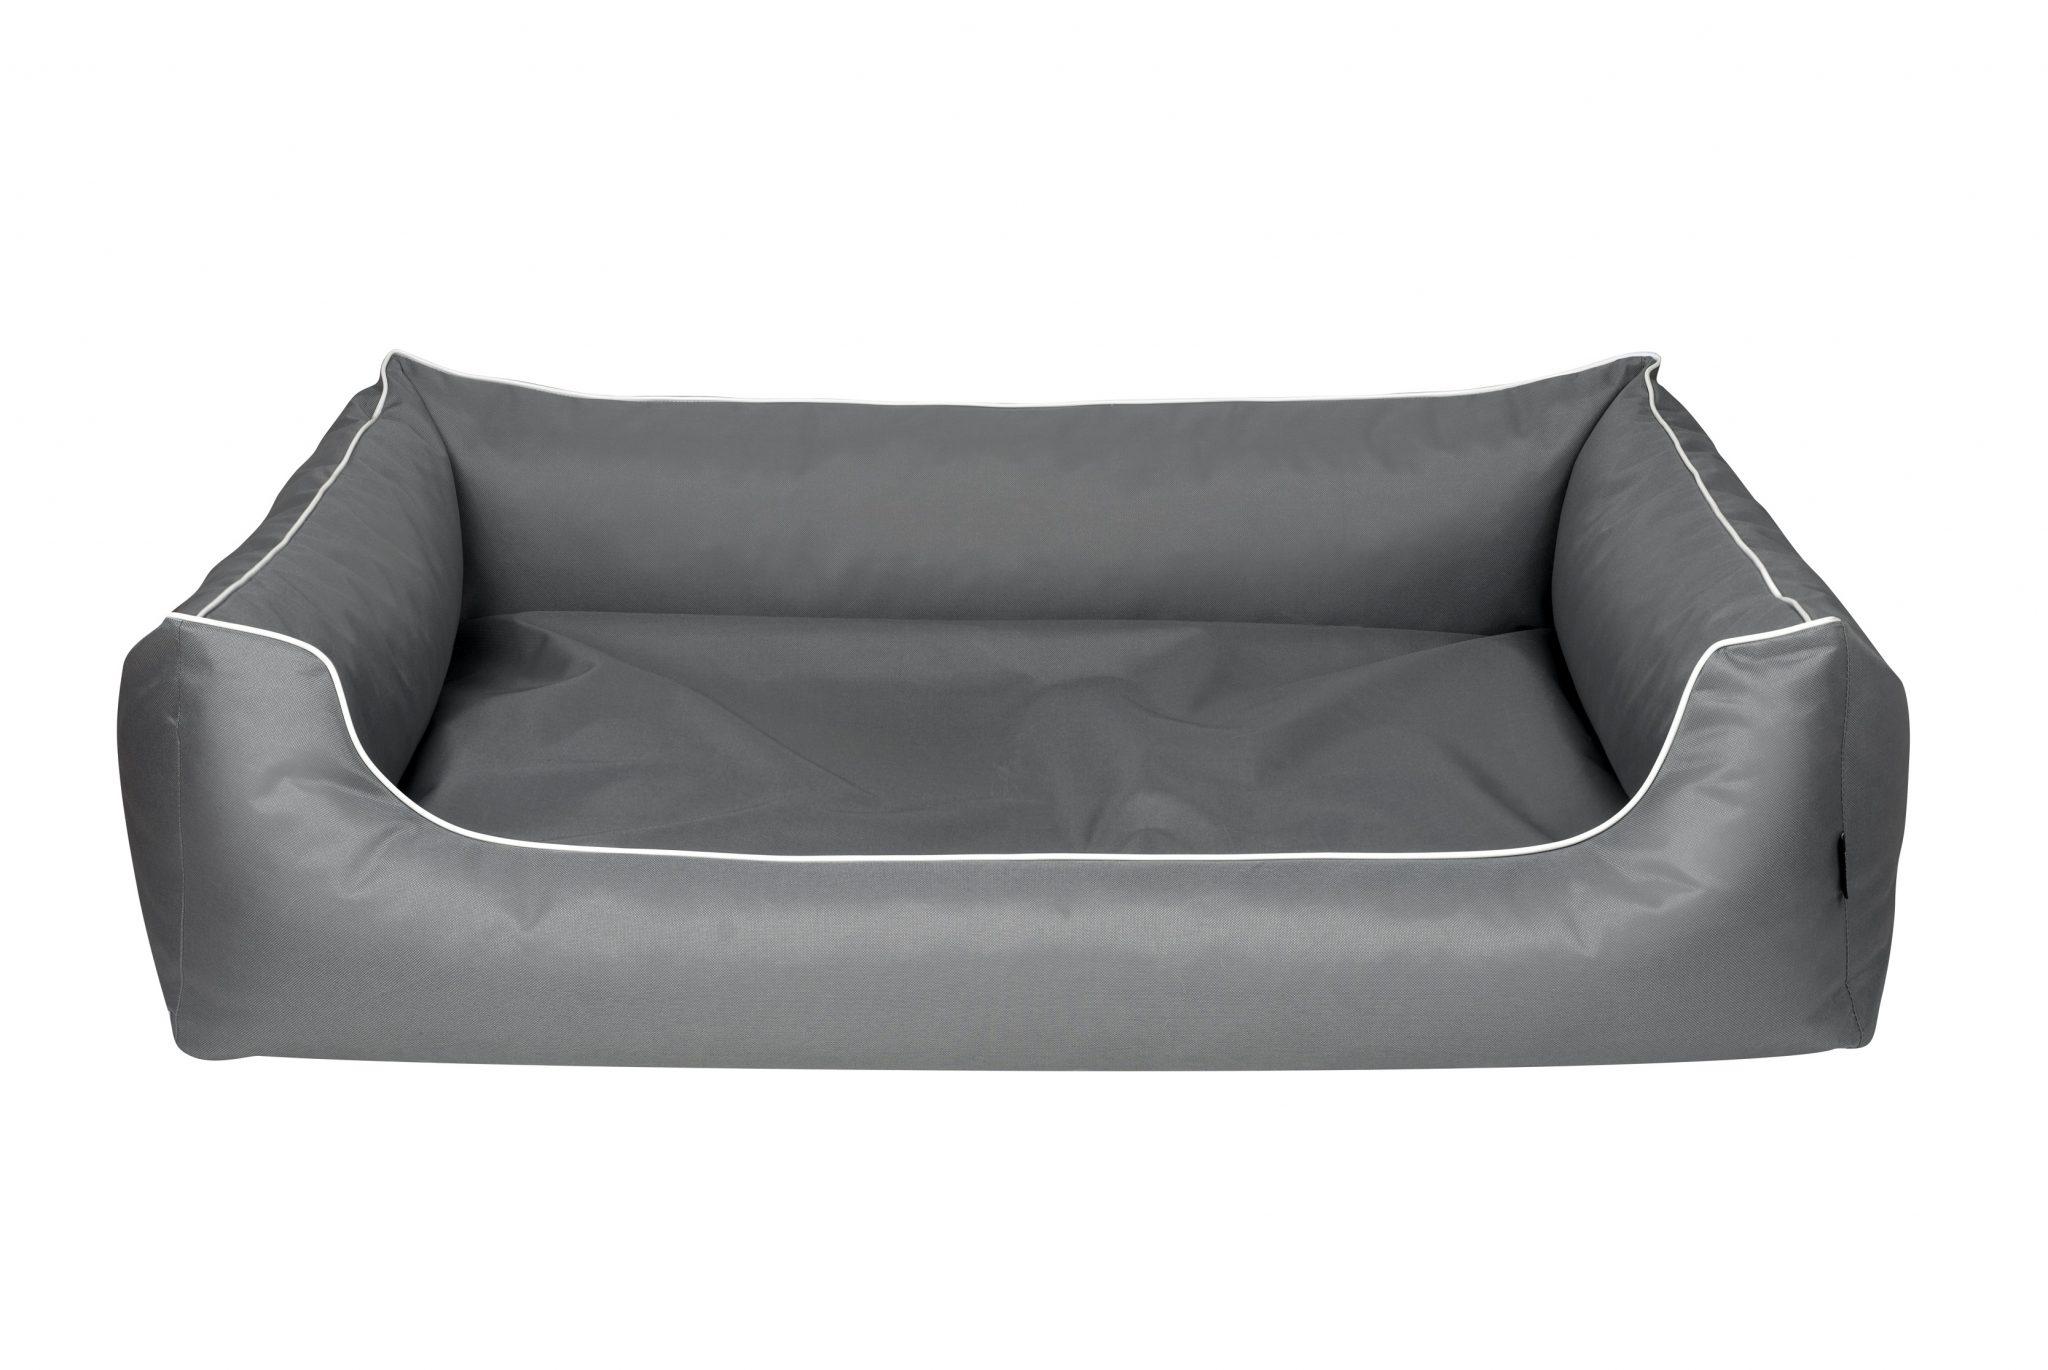 Pelech Cazo Outdoor Maxy silver je outdoorový pelech určený hlavne pre veľkých psov s možnosťou výberu 3 veľkostí až do rozmeru 120 x 90 cm.